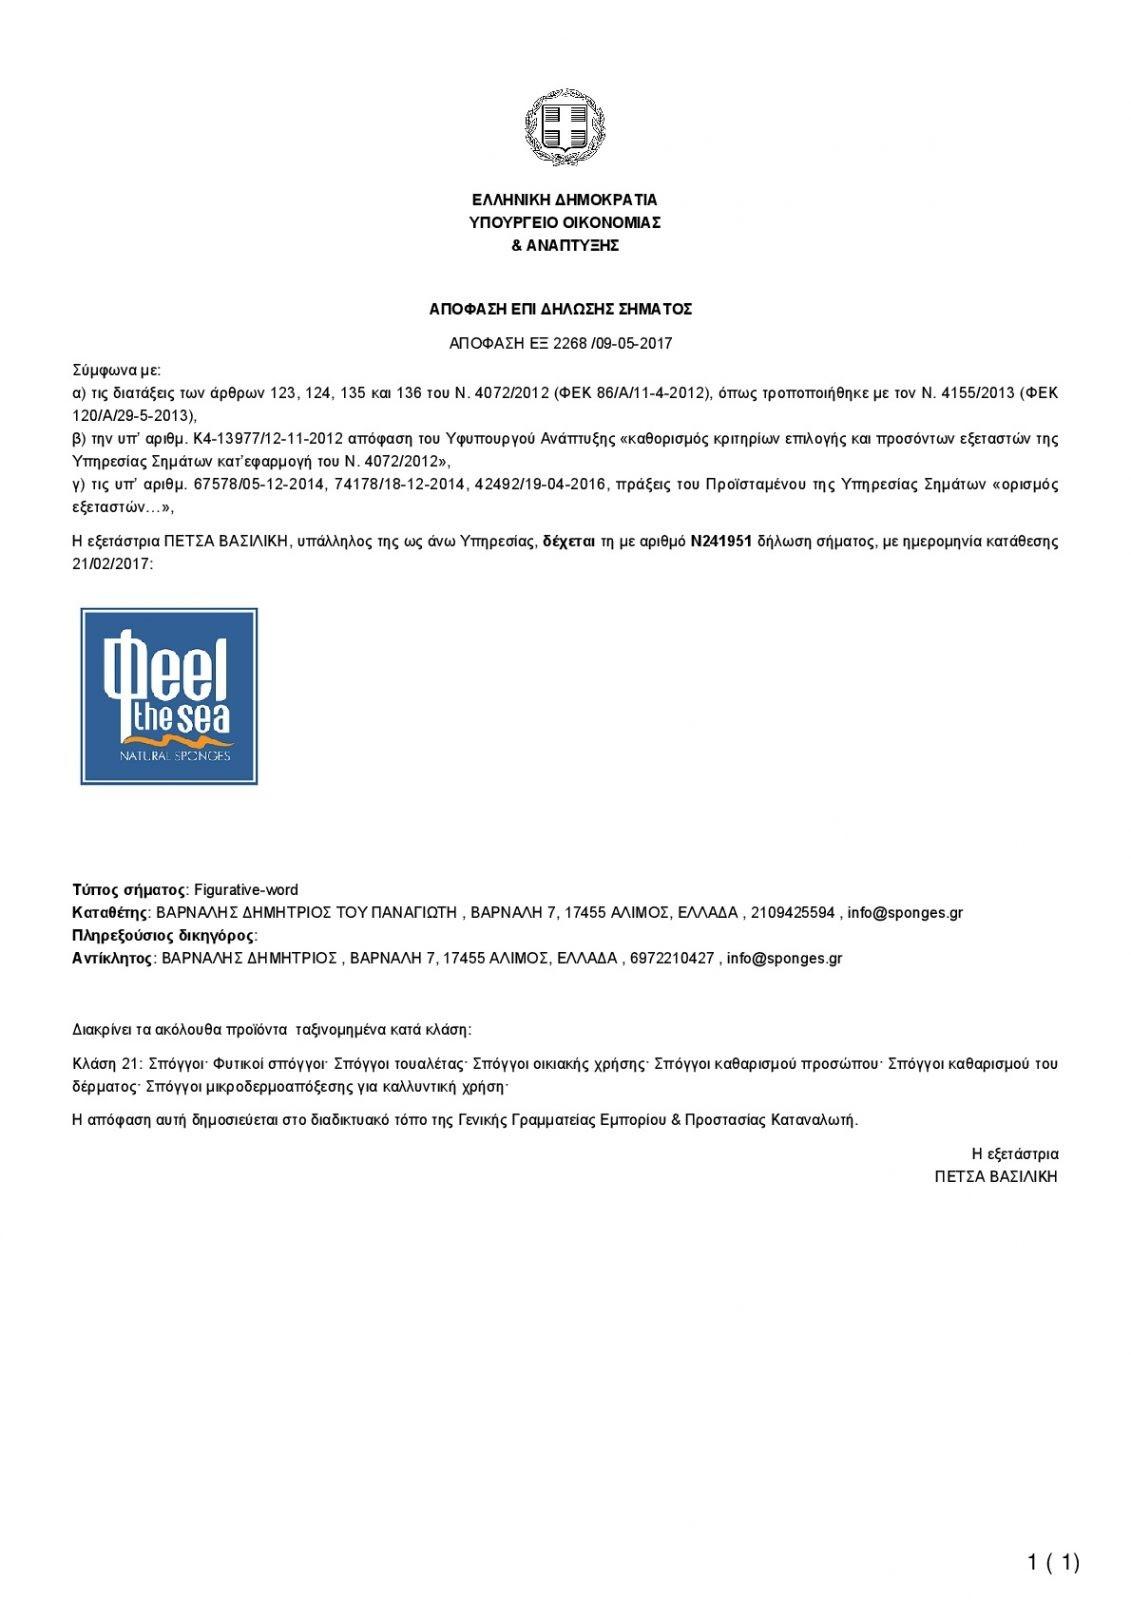 Φeel the sea Trademark (in Greek)